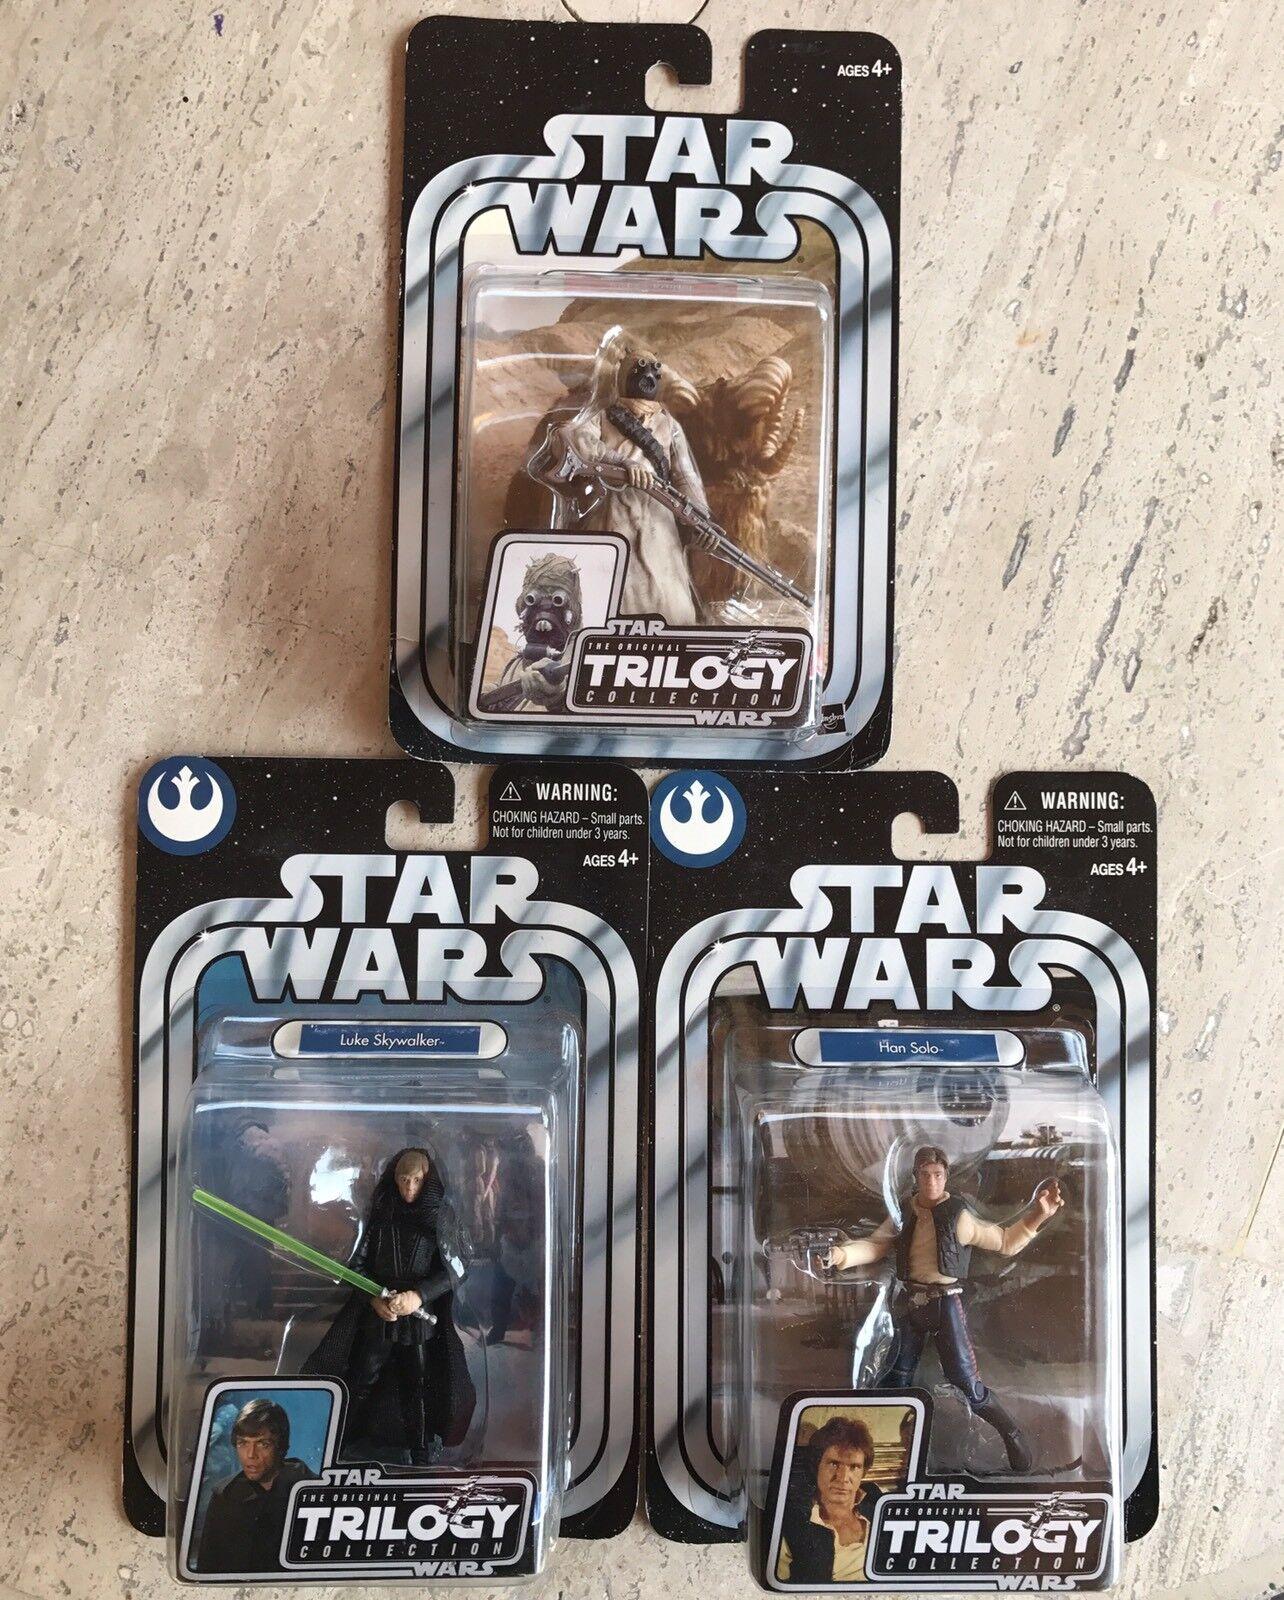 Star Wars OTC Lot Of 3 Figures- Jedi Luke, Han Solo & Tusken Raider Carded Look